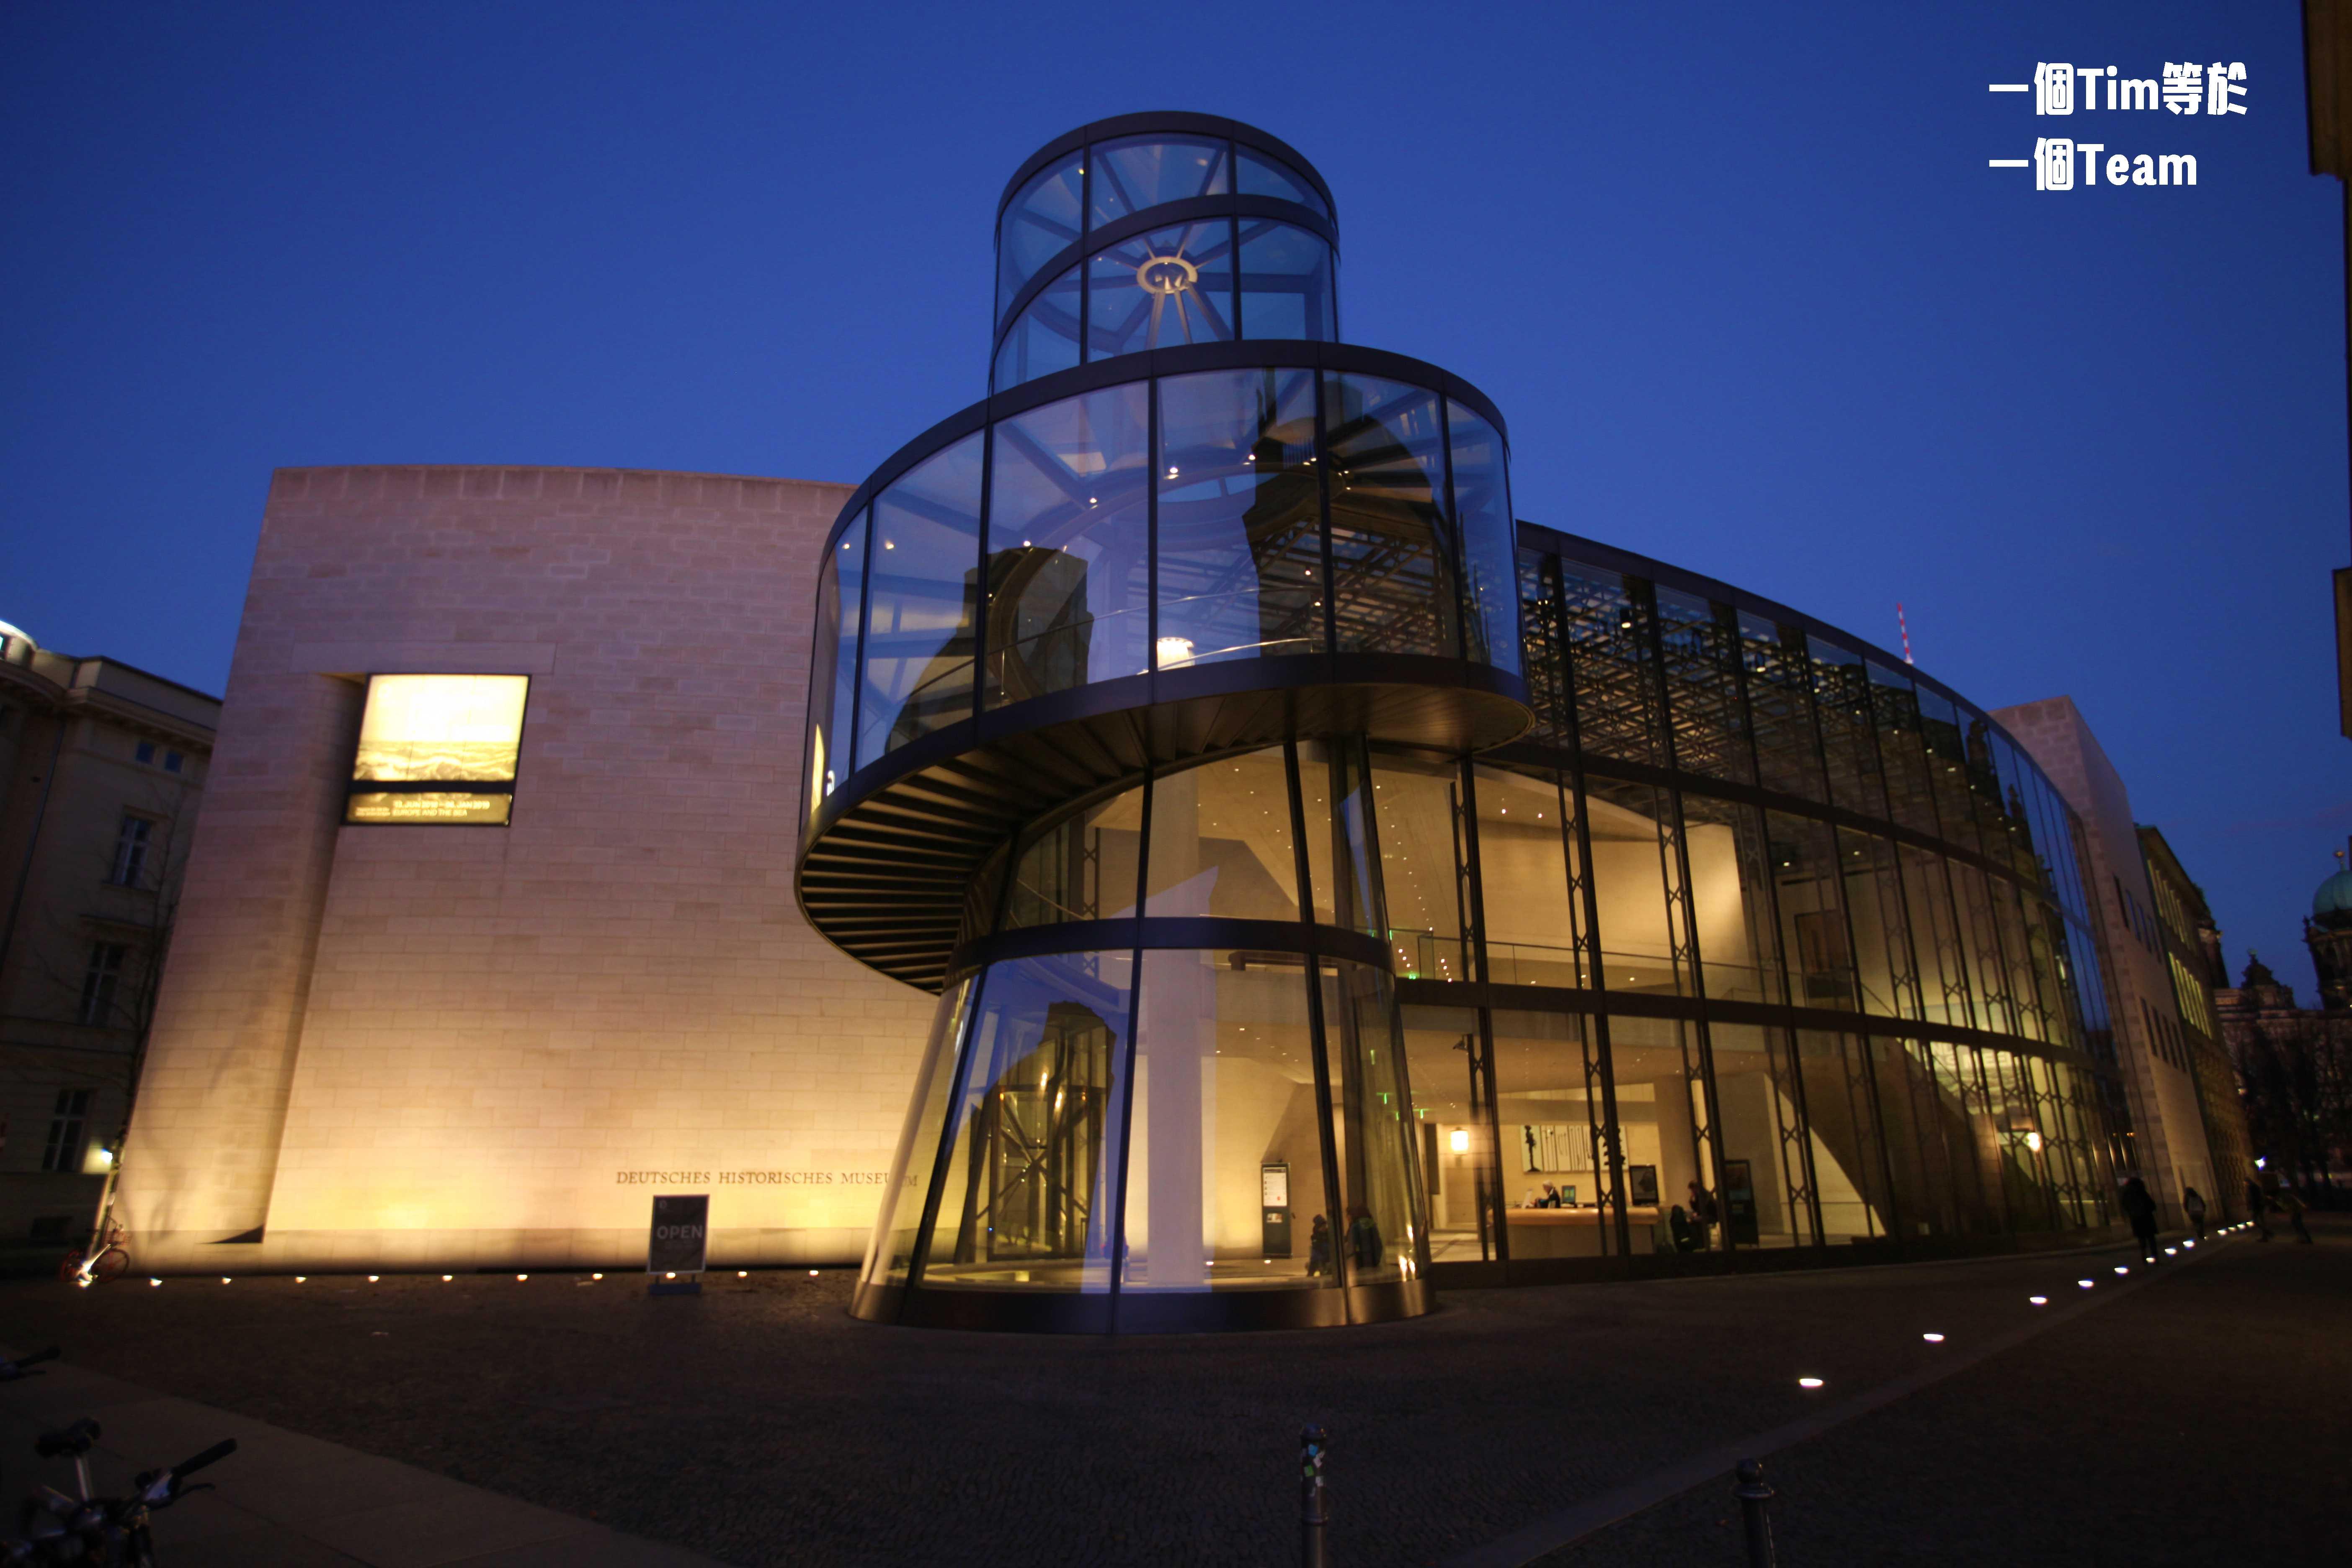 德國.柏林|大腦也要吃到飽!含金量超高的柏林博物館3日卡使用攻略